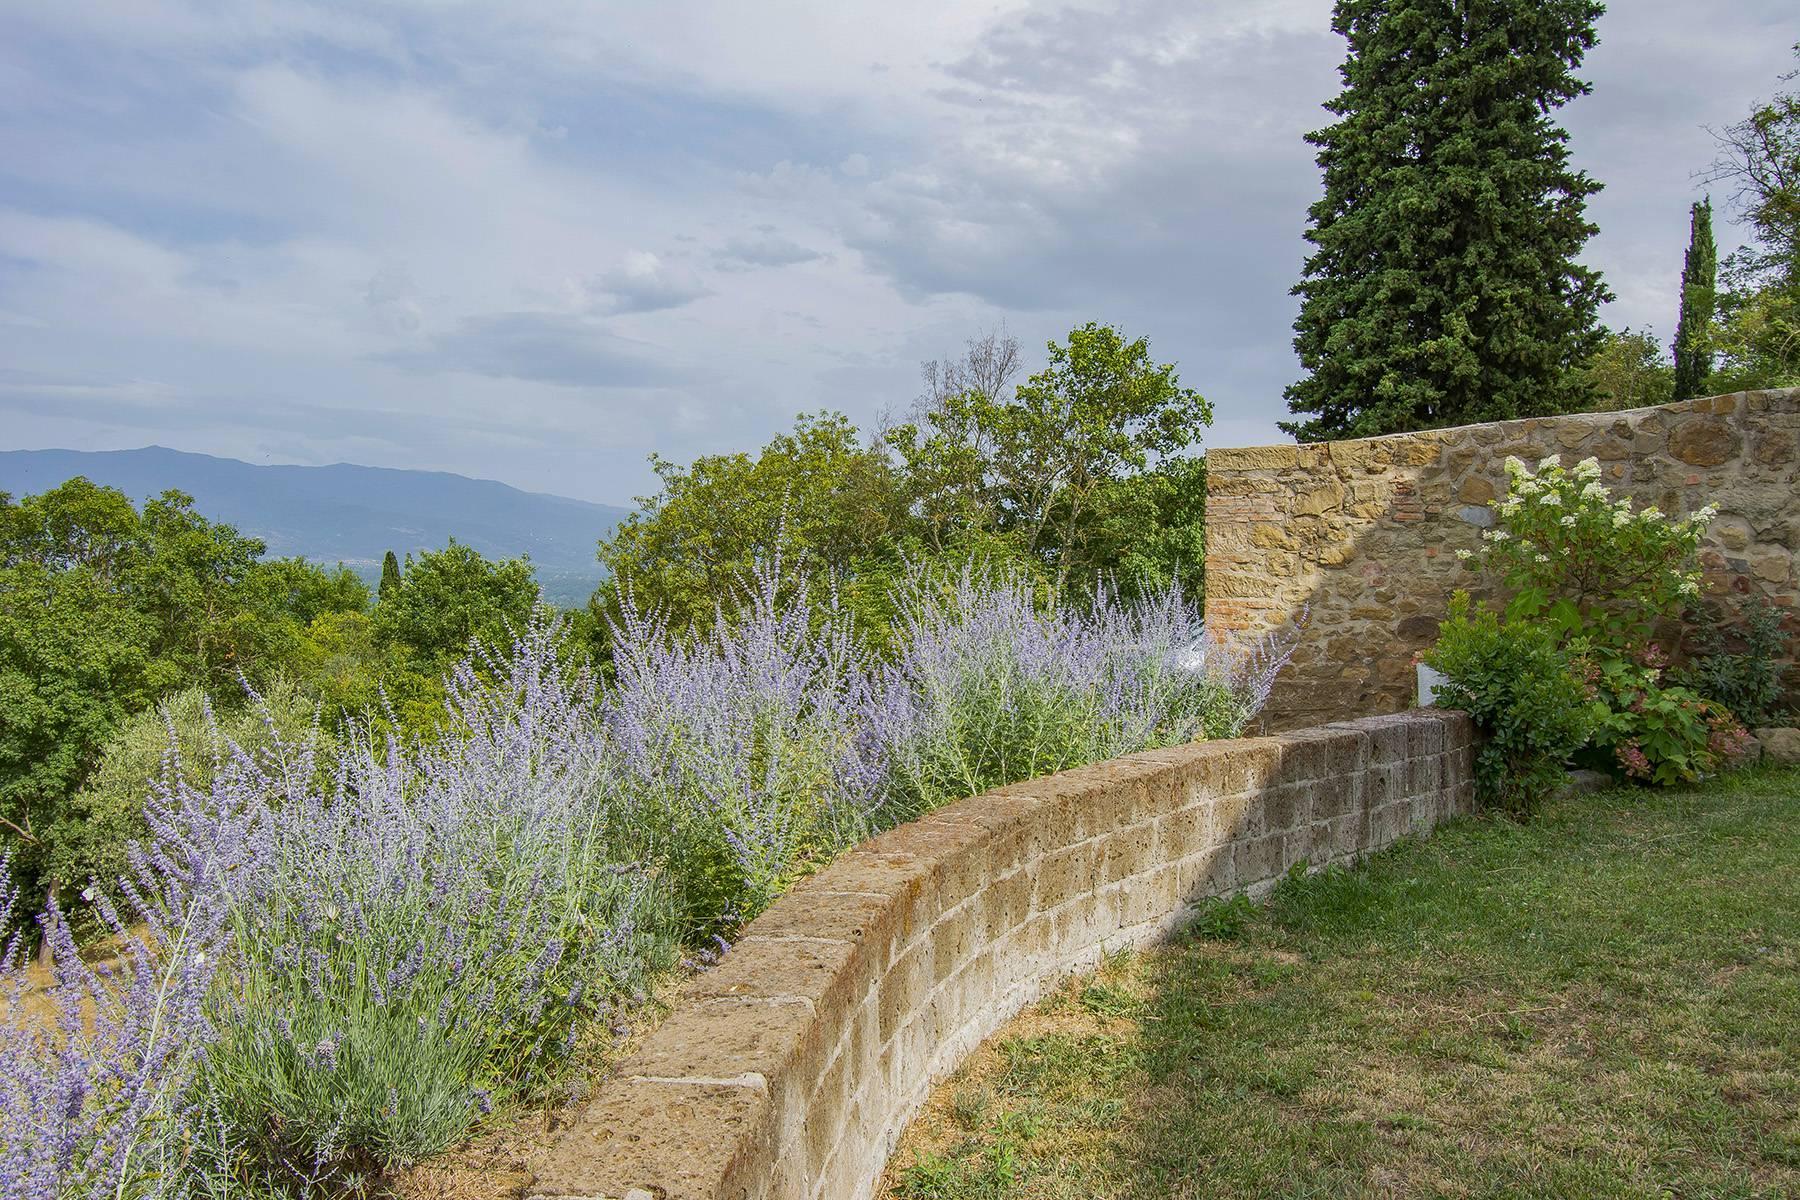 Panorama-Renaissance-Villa mit Garten im italienischen Stil - 33